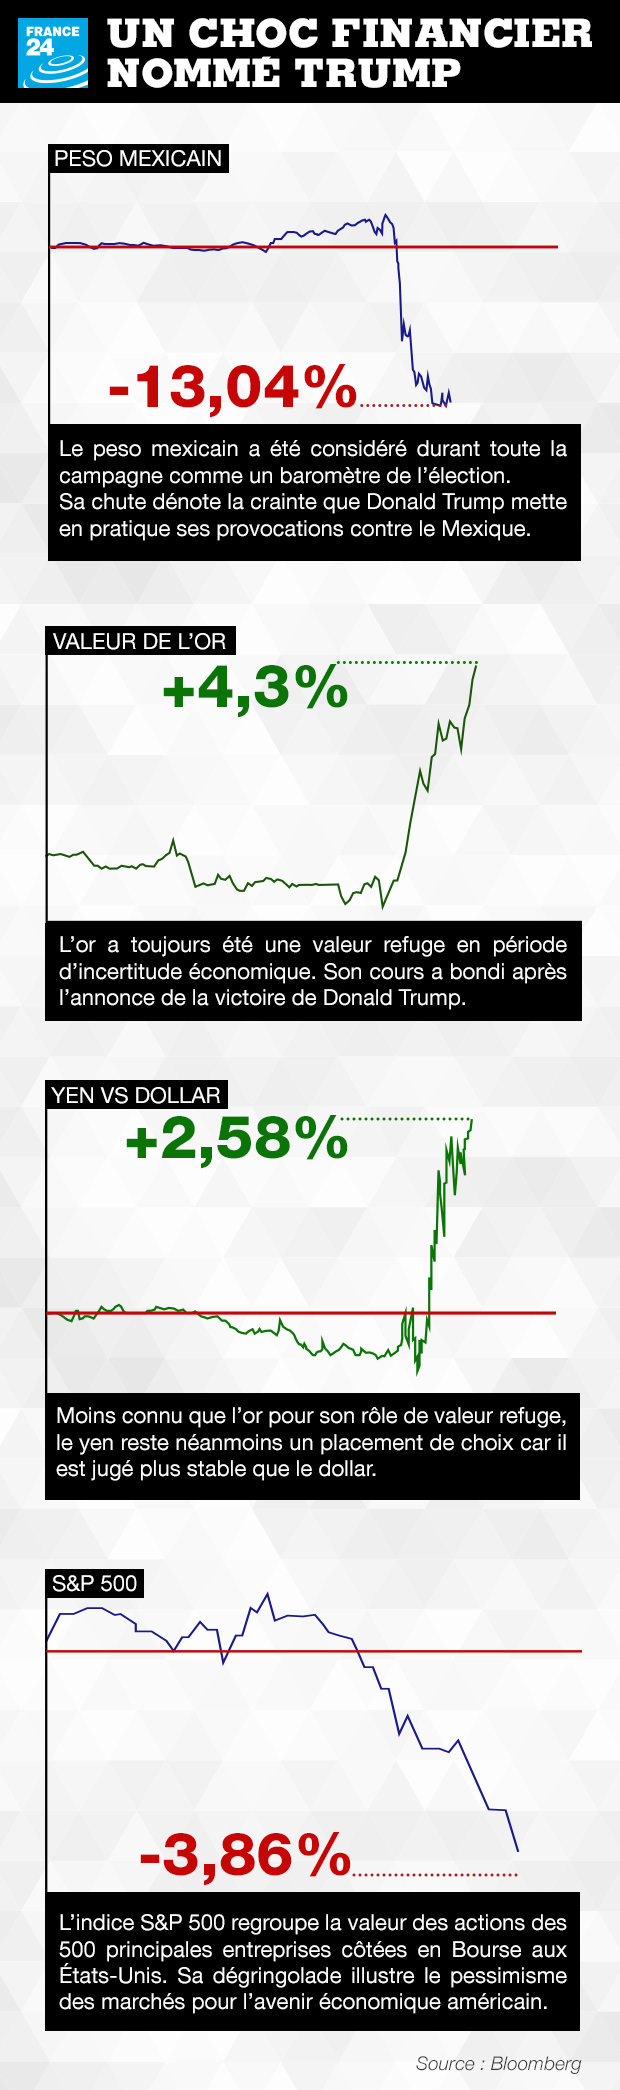 La réaction des marchés après la victoire de Donald Trump ne s'est pas fait attendre